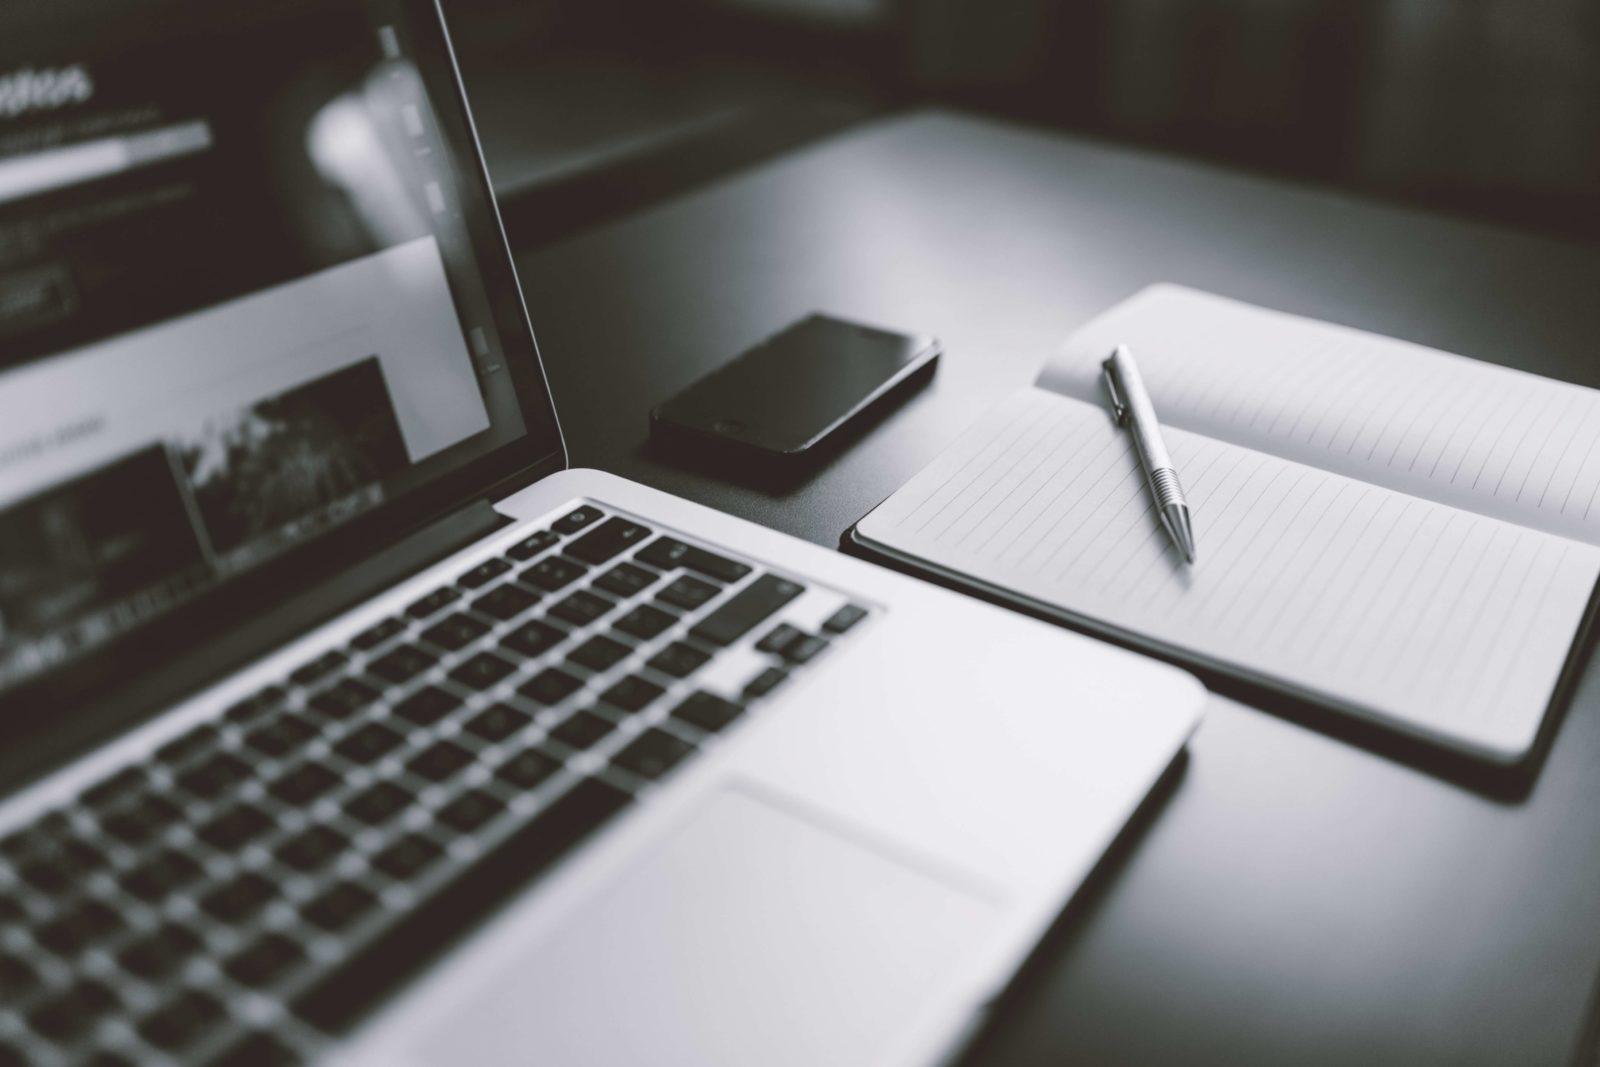 Ein Laptop mit Notizbuch. Ein gutes Setup zum lernen fürs Informatikstudium.